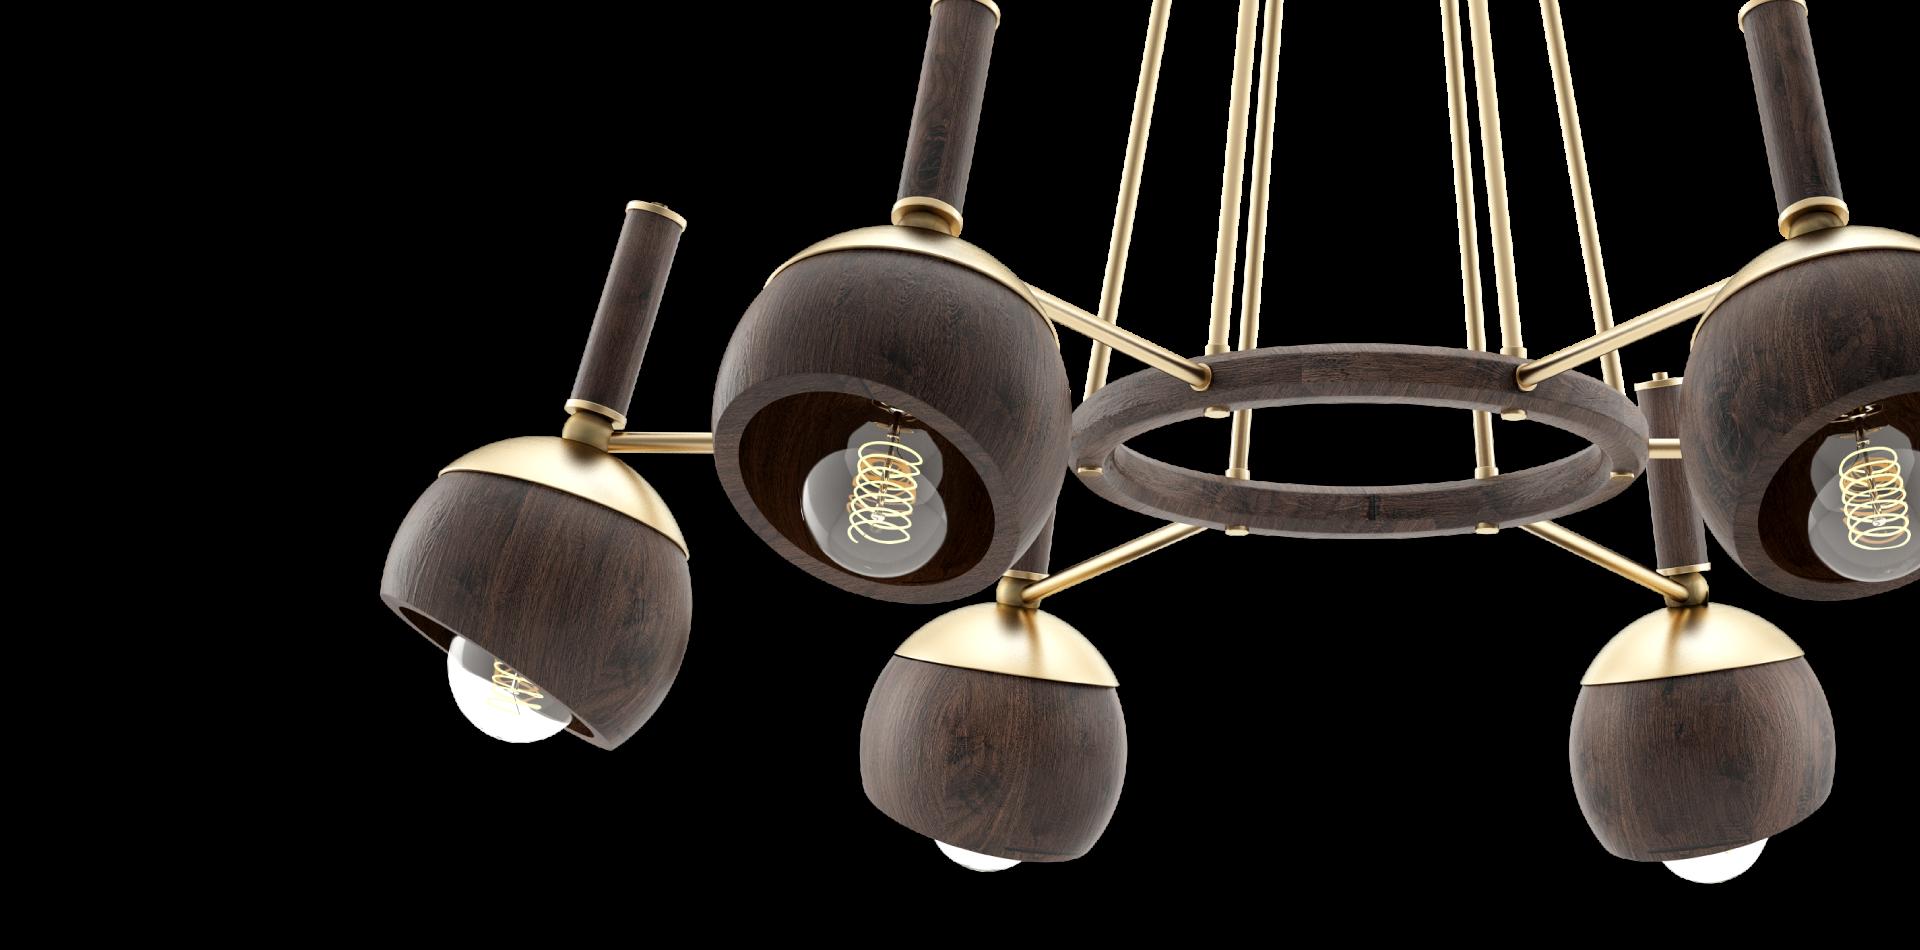 Essen Suspension Lamp detail